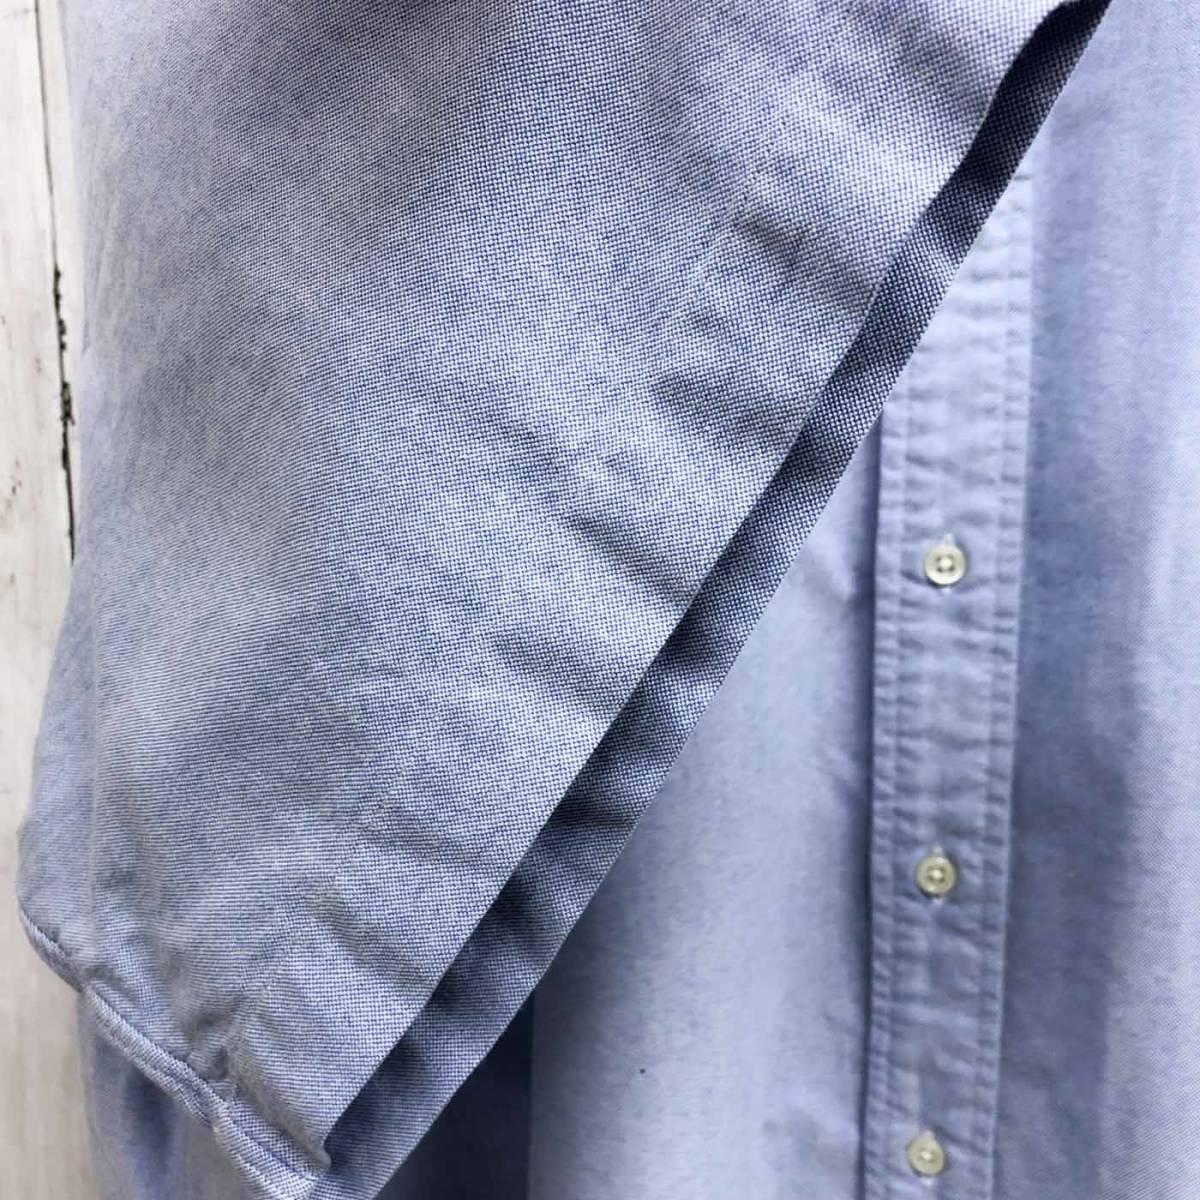 ラルフローレン POLO Ralph Lauren Polo 半袖シャツ メンズ ワンポイント 3XLサイズ 7-167_画像6